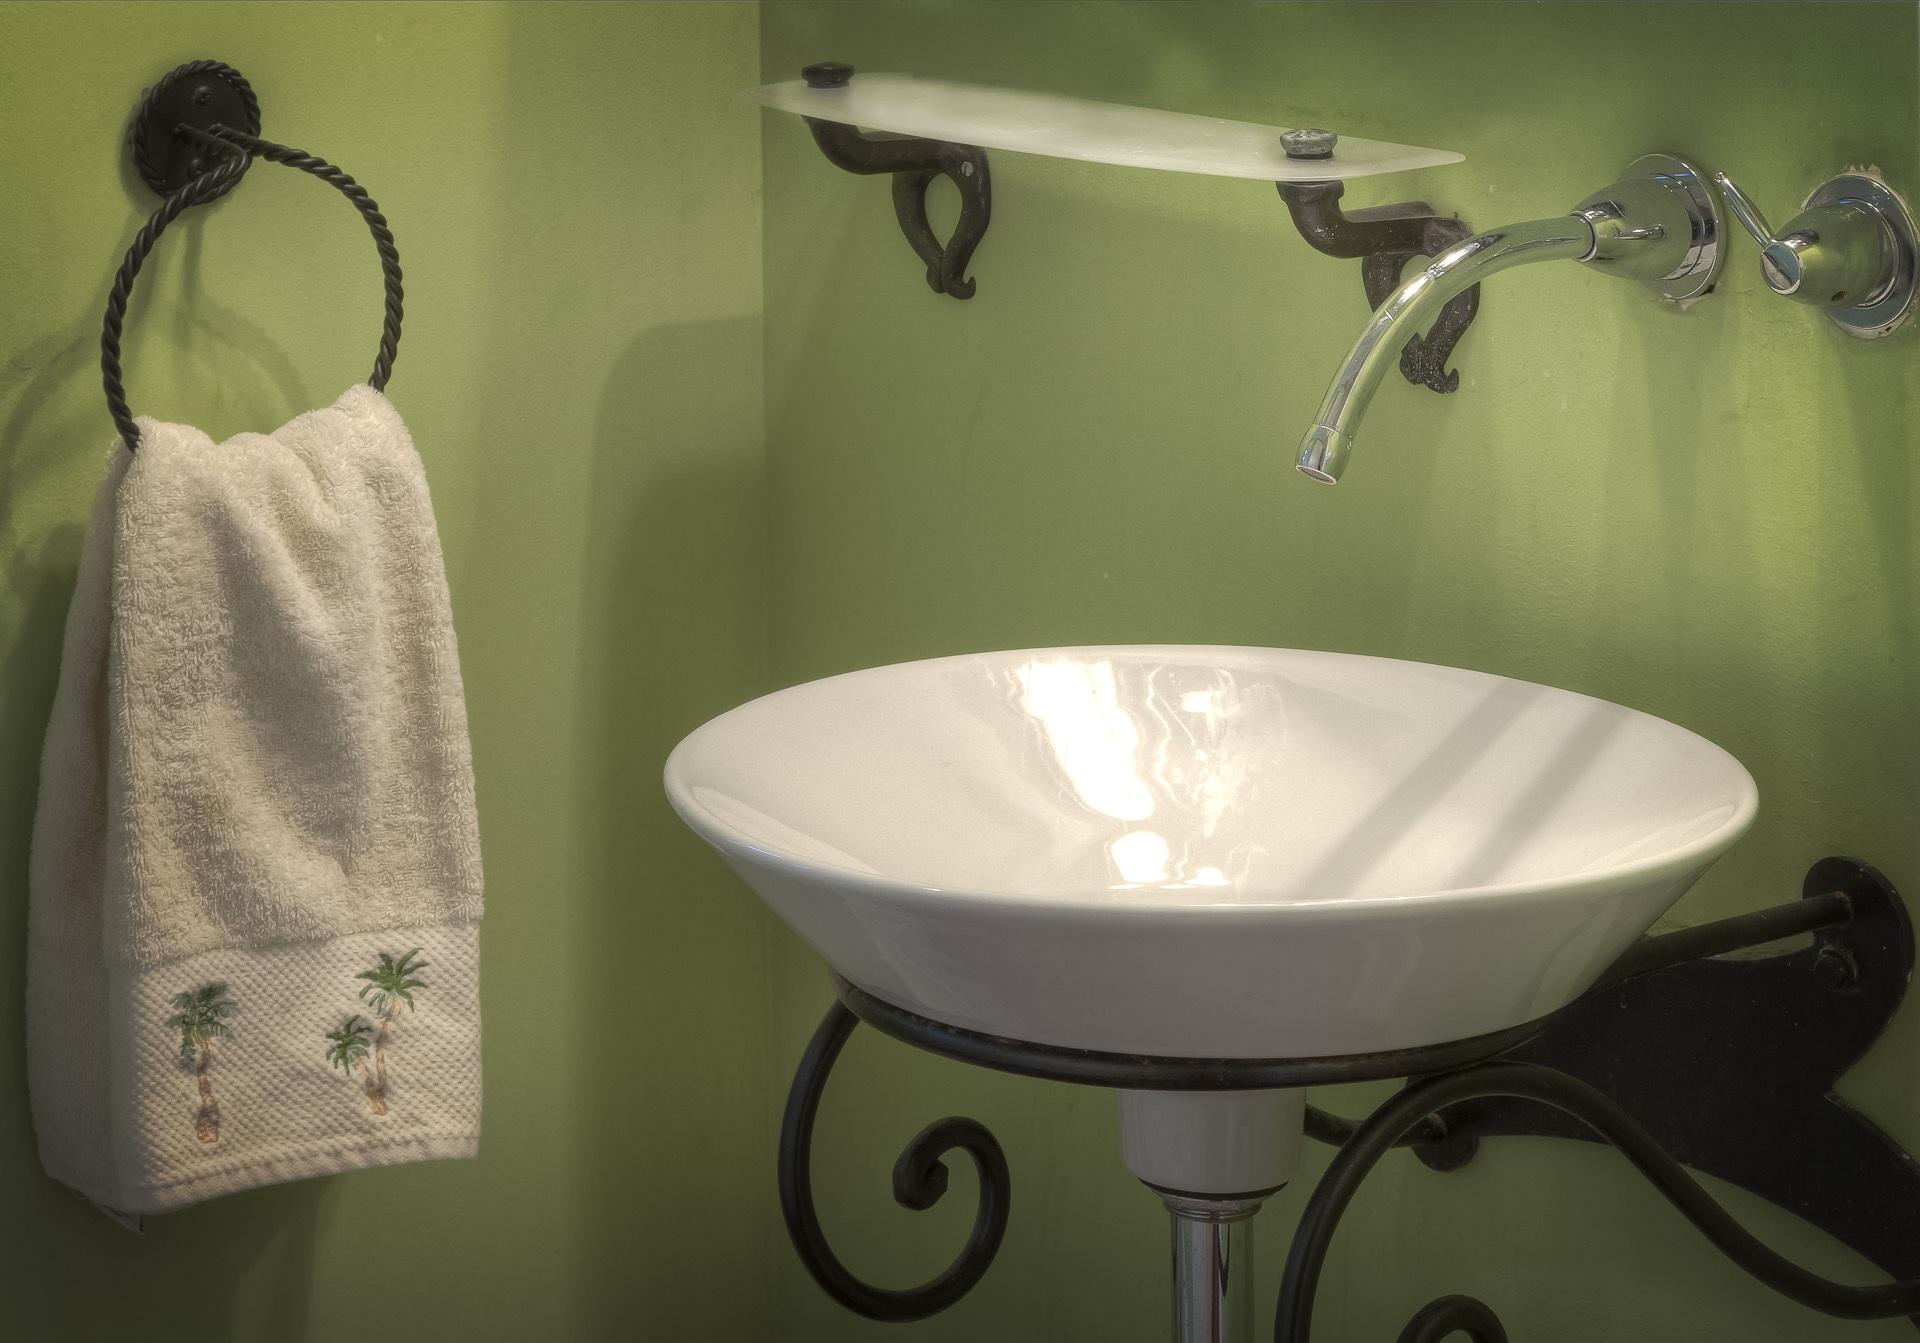 Remplacer Un Lavabo Par Une Vasque La Marche à Suivre Le Biz Des